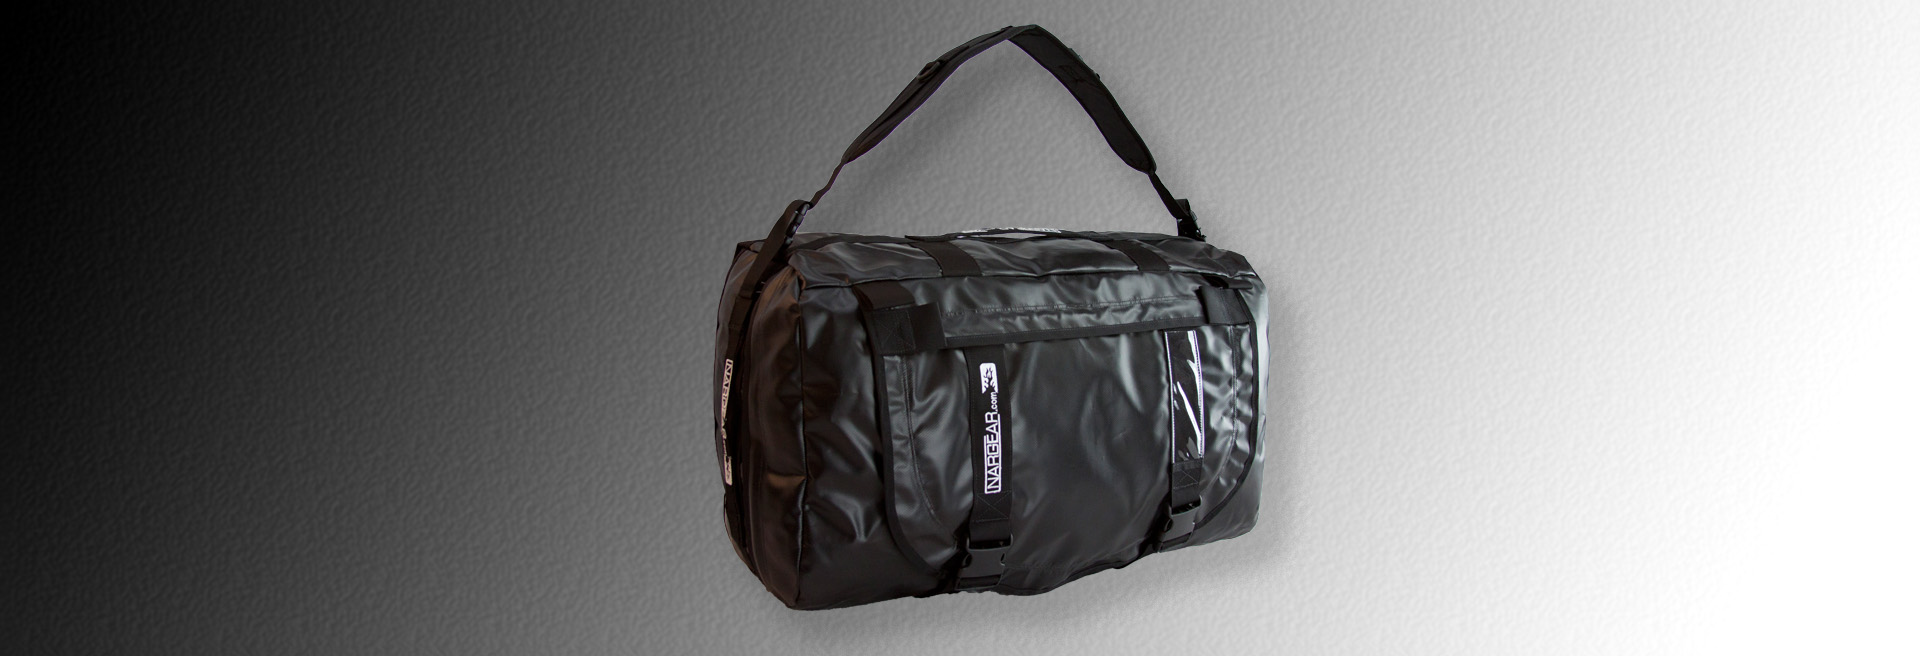 NARGEAR®-Best-wildland-fire-line-packs-firefighter-backpacks.-wildland-firefighter-gear-and-equipment-NARGEAR-wildland-fire-fighting-packs-wilderness-EMT-forest-firefighter-fire-pack-03